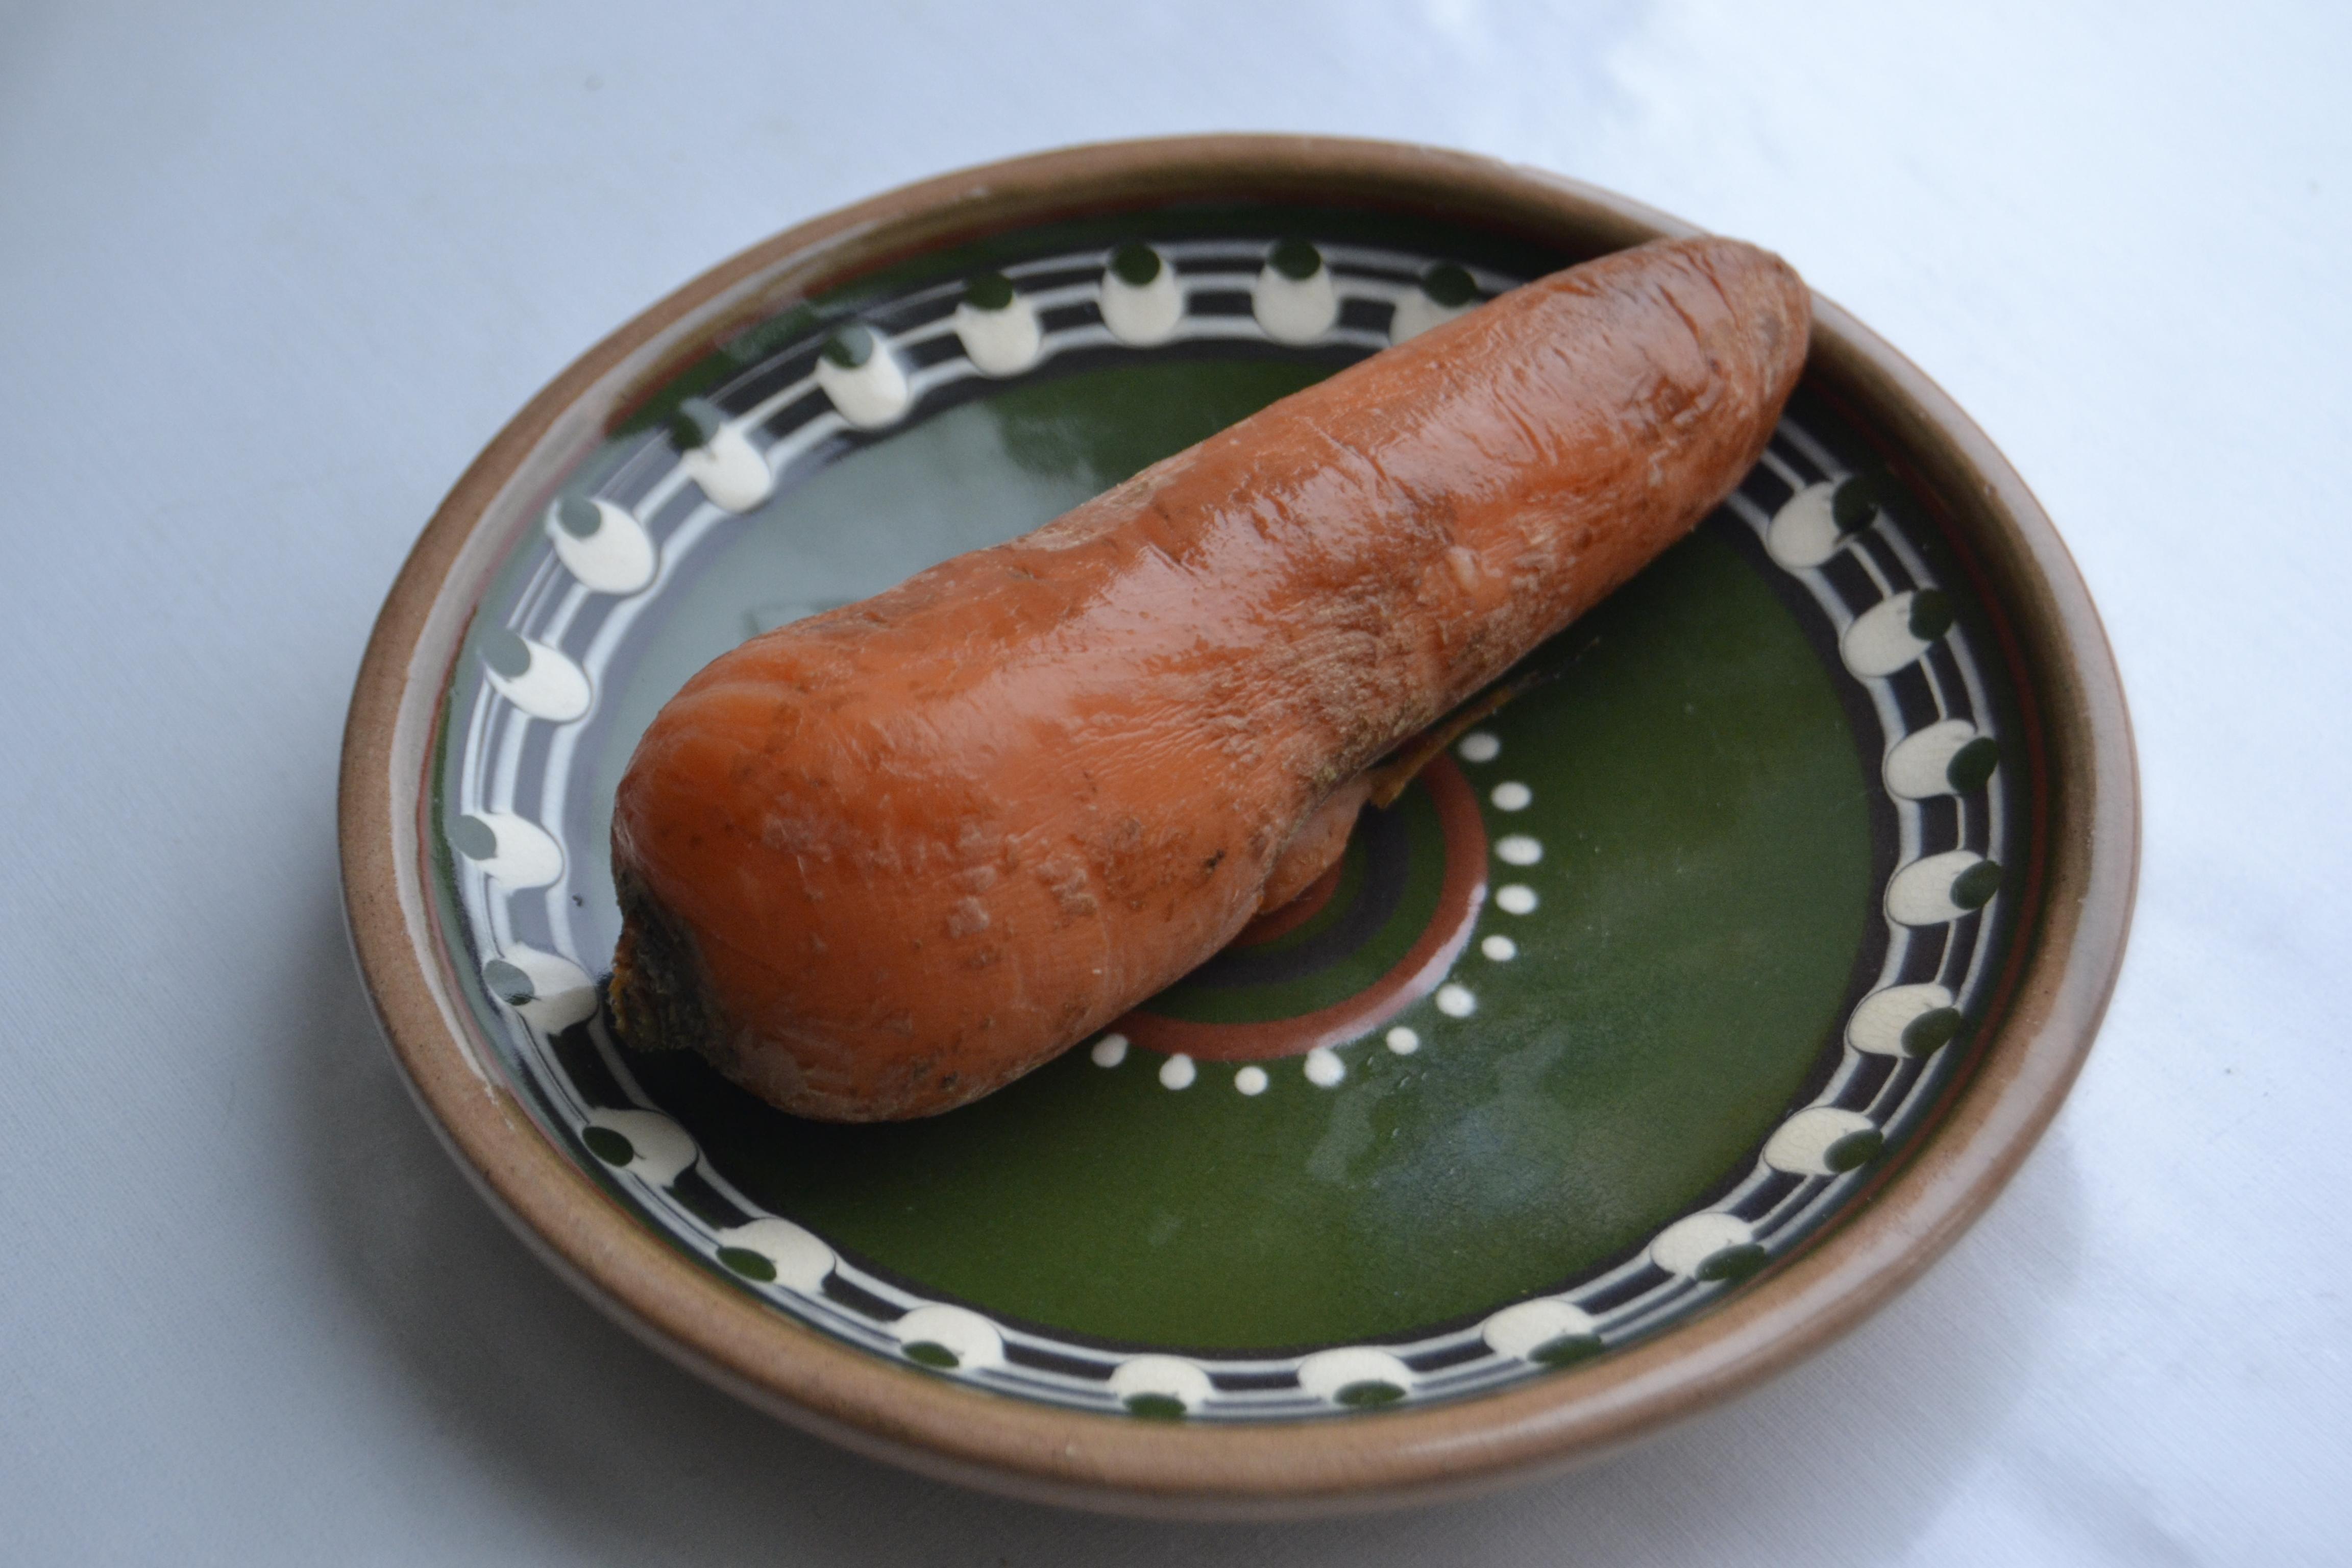 Для украшения нам понадобится вареная морковка. Отправляем сразу небольшой кусочек морковки в кастрюльке с водой на печку.